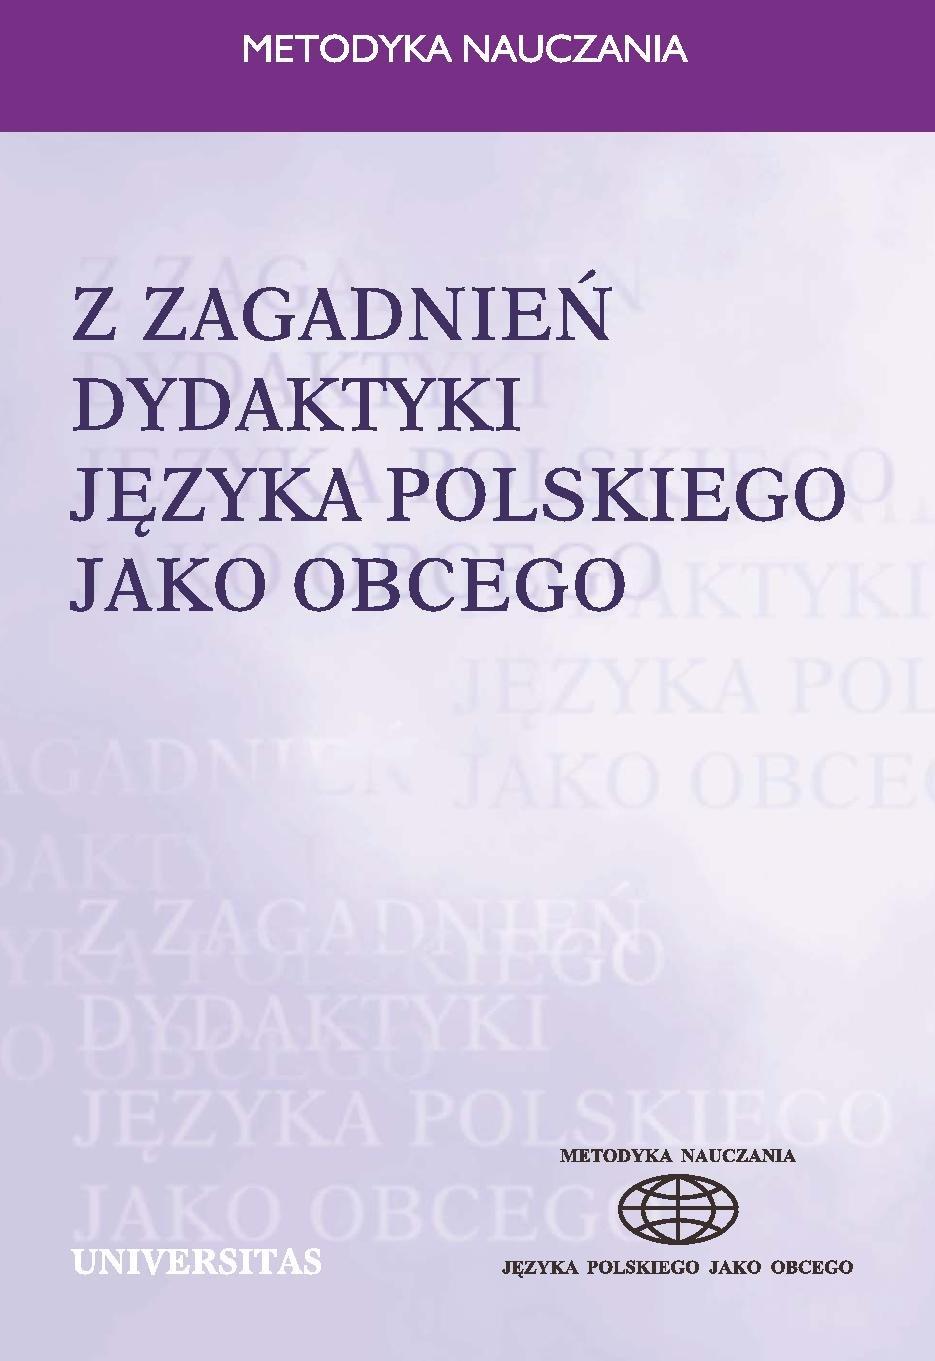 Z zagadnień dydaktyki języka polskiego jako obcego - Ebook (Książka PDF) do pobrania w formacie PDF